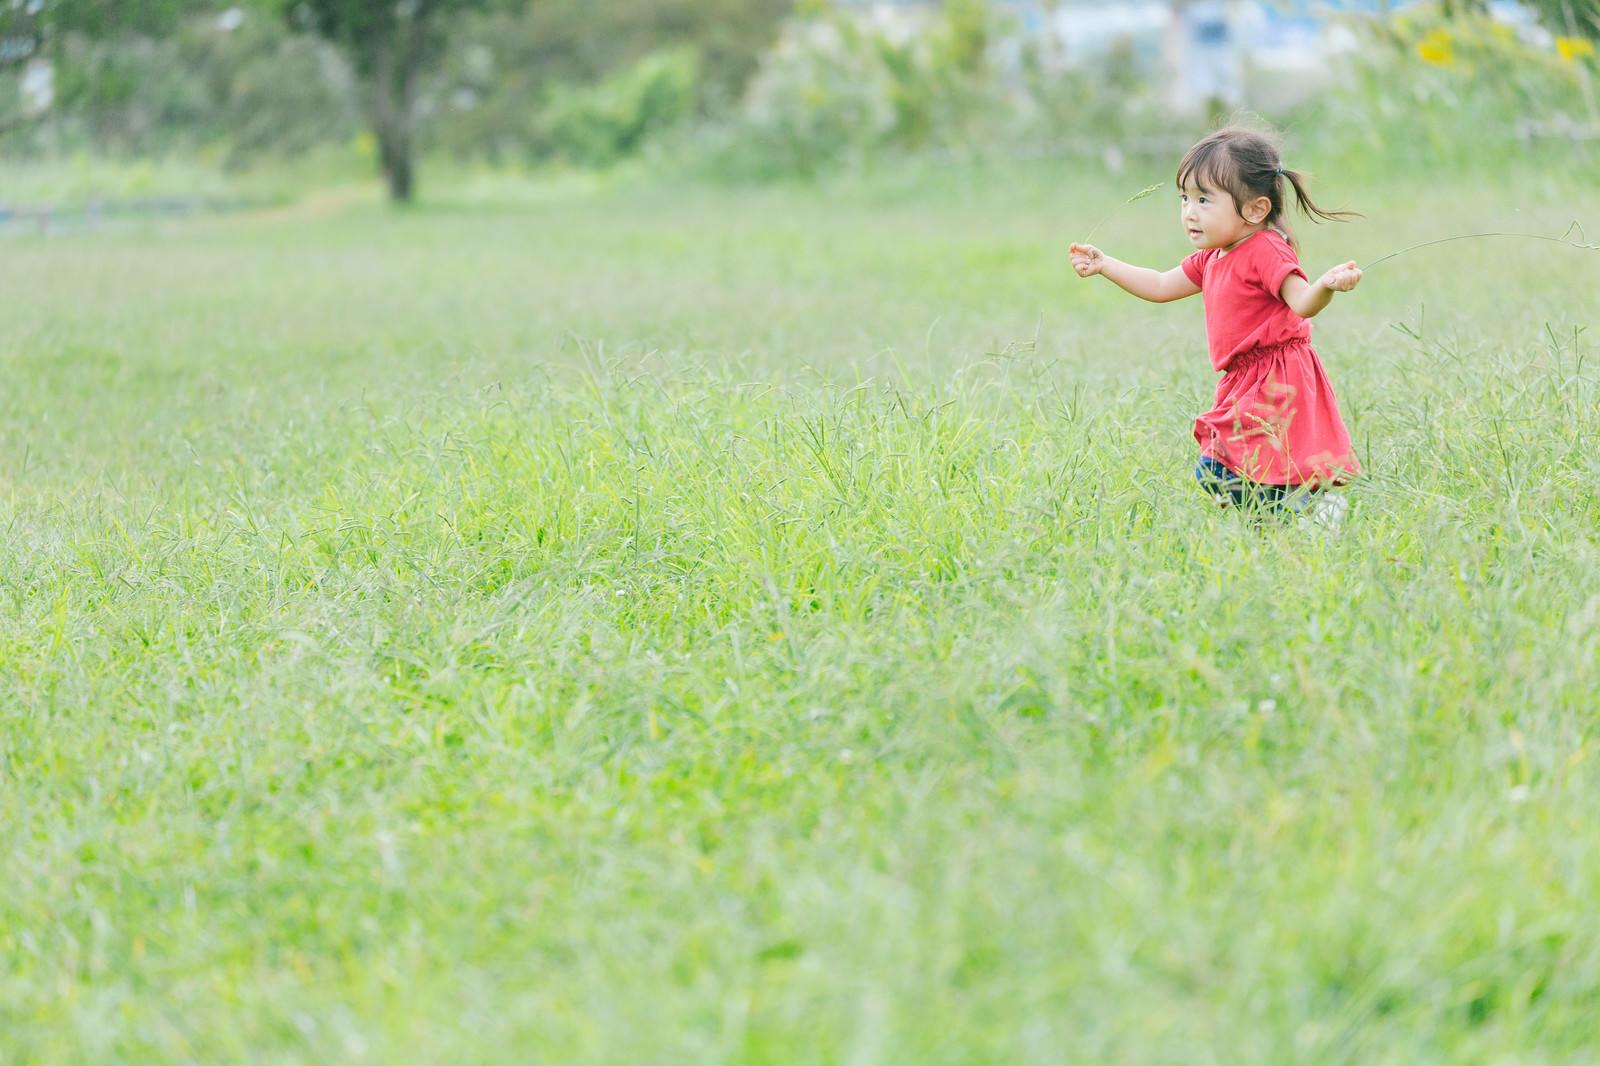 「原っぱを無邪気に走り回る小さい女の子」